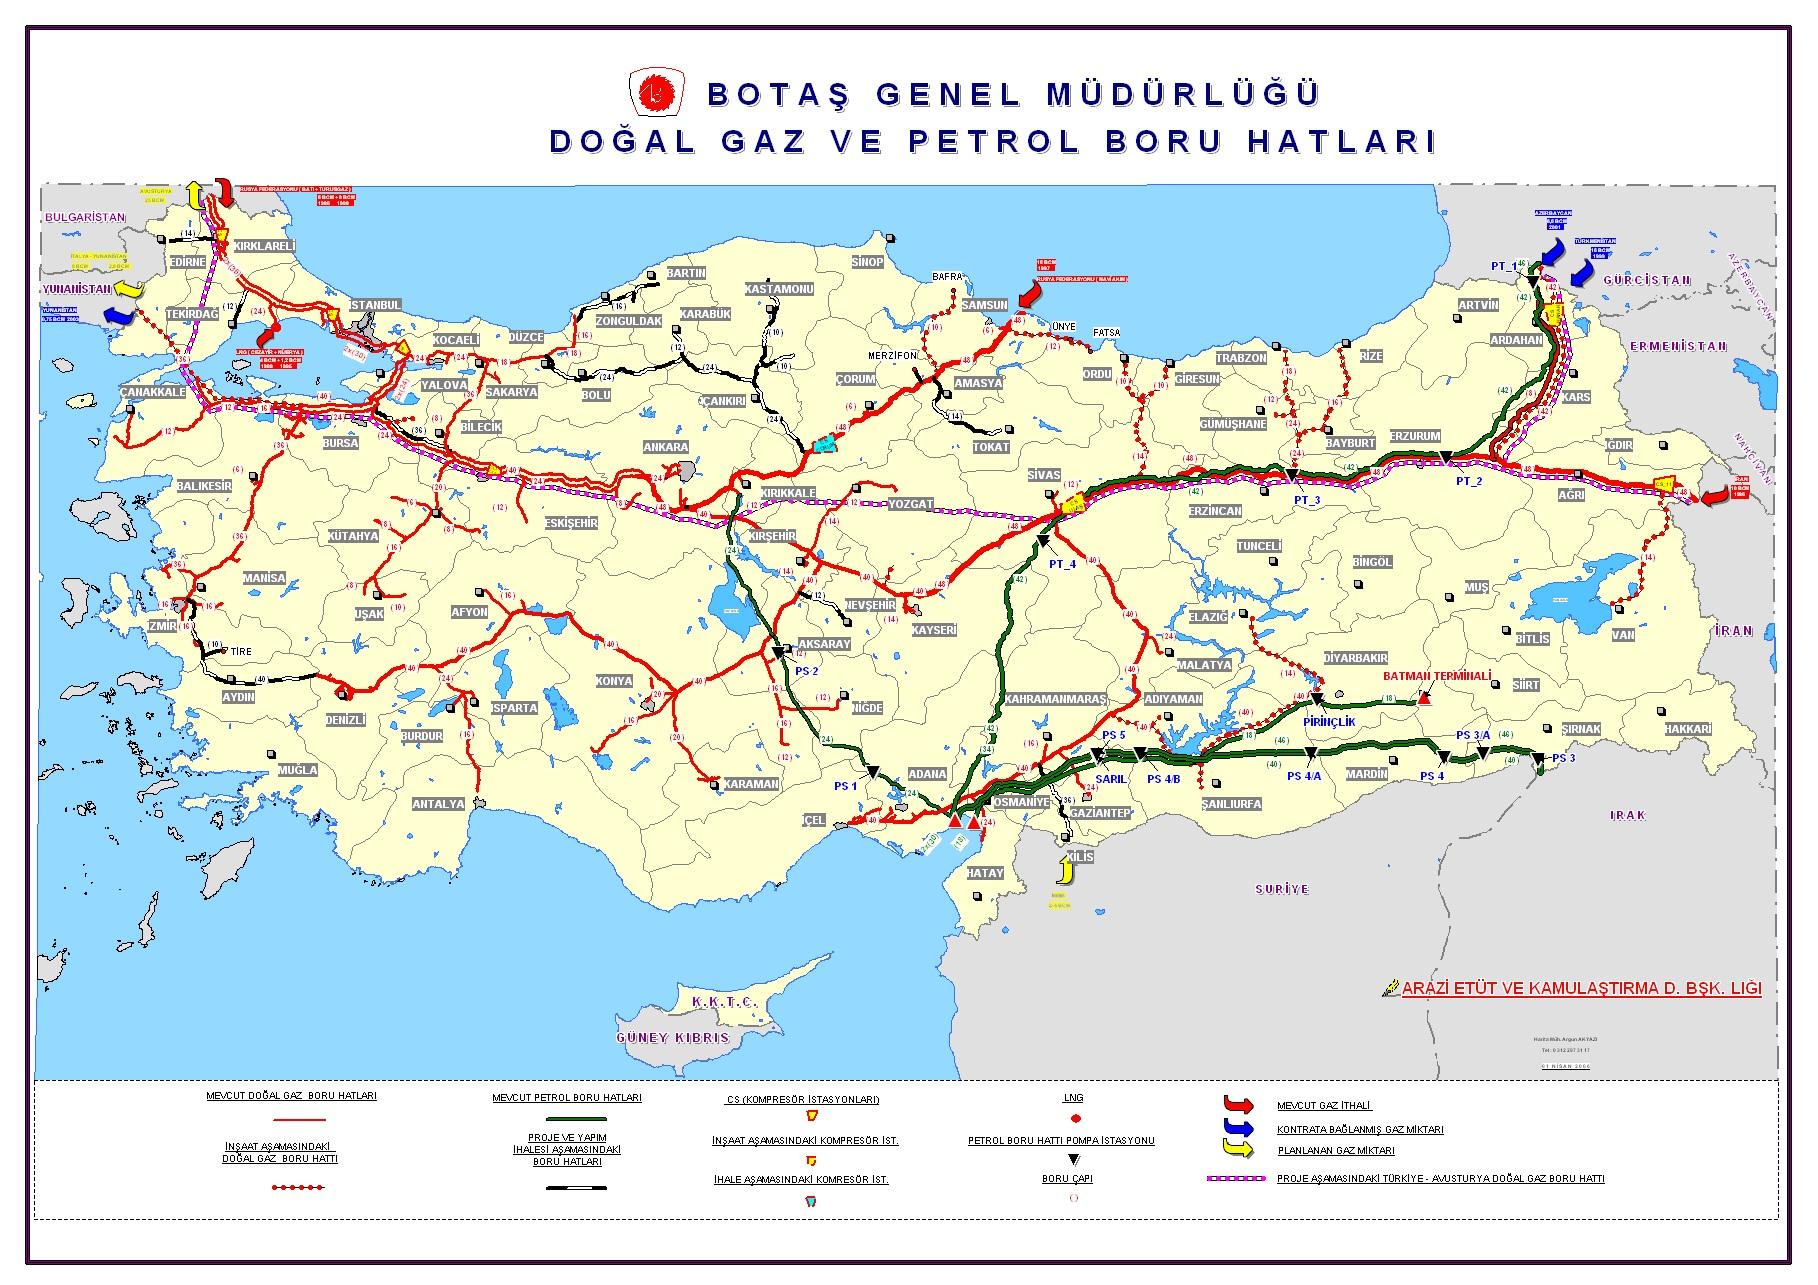 Türkiye Doğal Gaz ve Petrol Boru Hattı Haritası